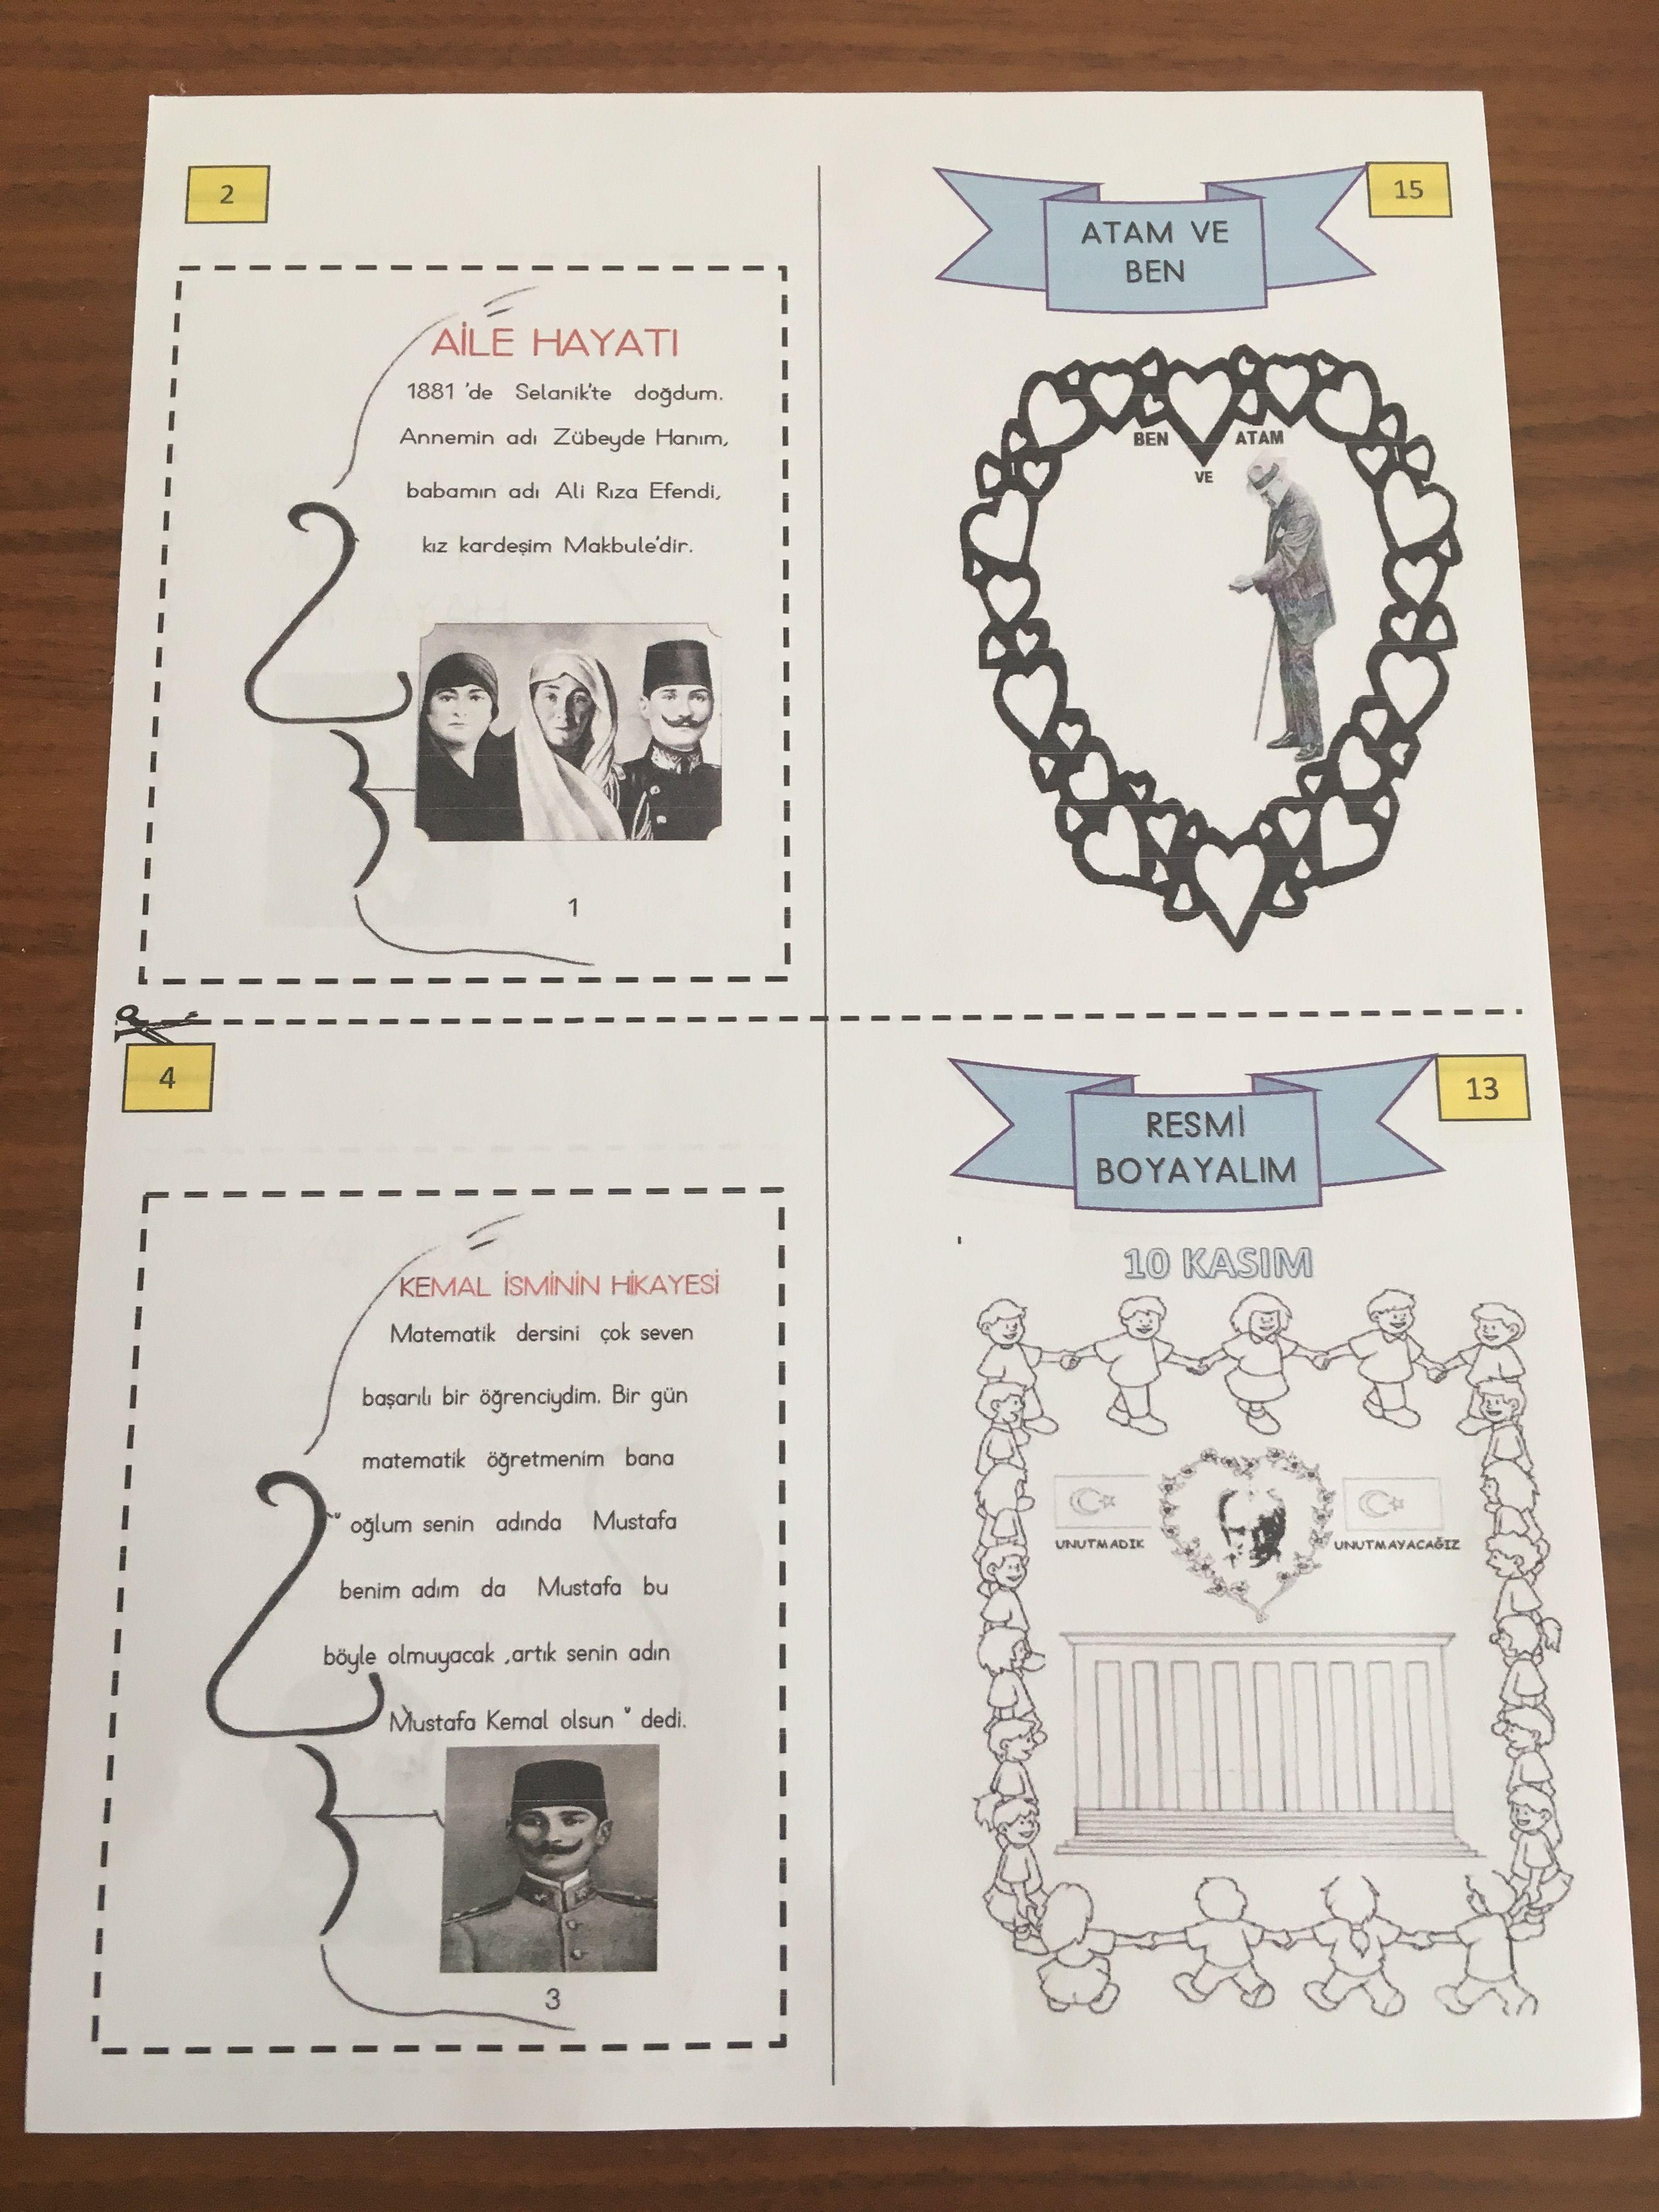 10 Kasim Ataturk Un Hayati Kitapcik Cigdem Ogretmen Okul Oncesi Calisma Cizelgeleri Egitim Ogretim